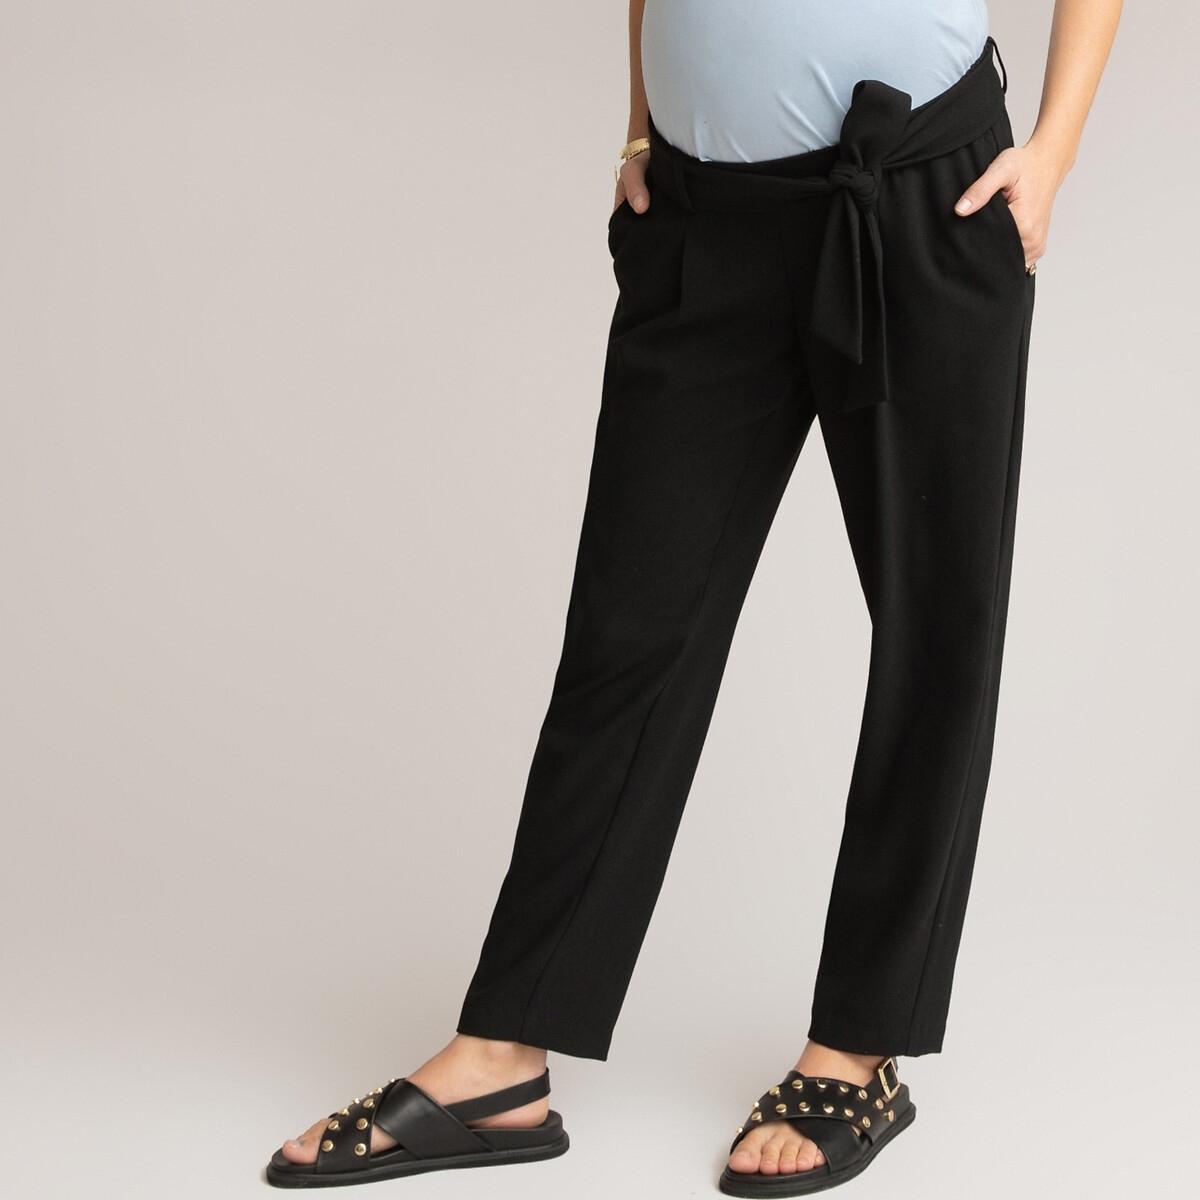 Брюки LaRedoute Для периода беременности прямые высокий пояс 42 (FR) - 48 (RUS) черный брюки laredoute для периода беременности из велюра velvet 42 fr 48 rus бежевый